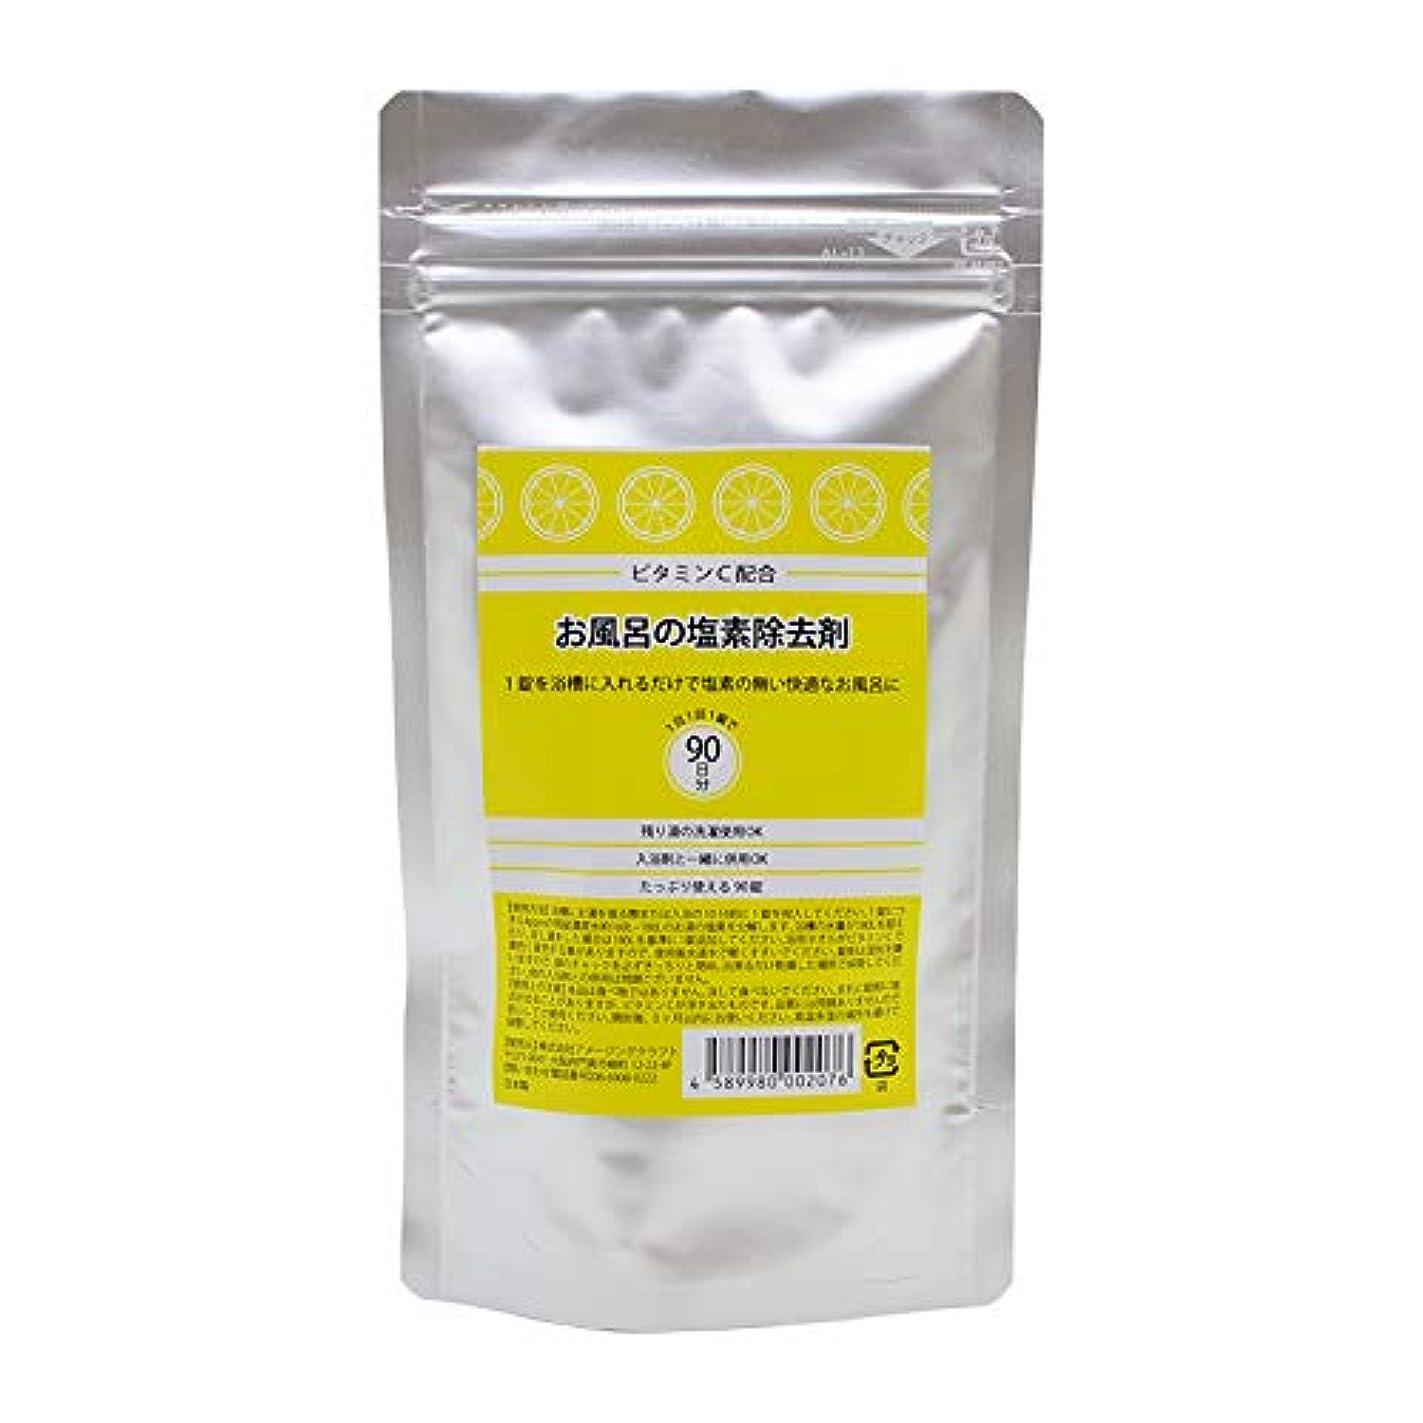 追加マーク不潔ビタミンC配合 お風呂の塩素除去剤 錠剤タイプ 90錠 浴槽用脱塩素剤